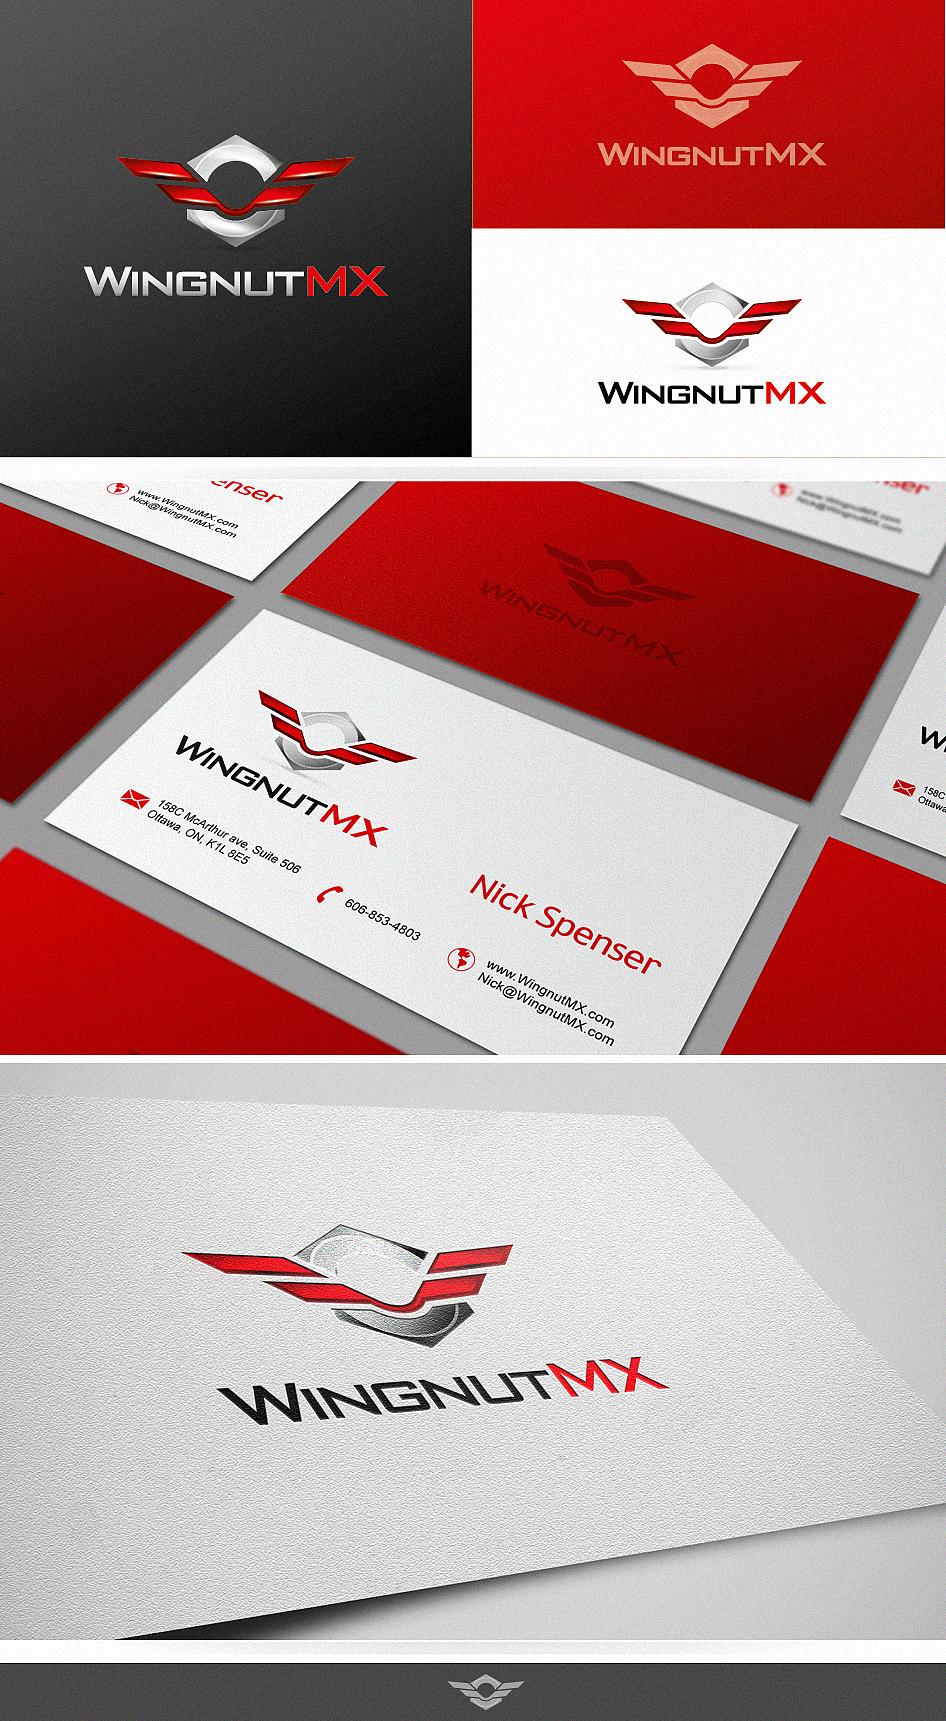 Wingnut MX needs a new logo